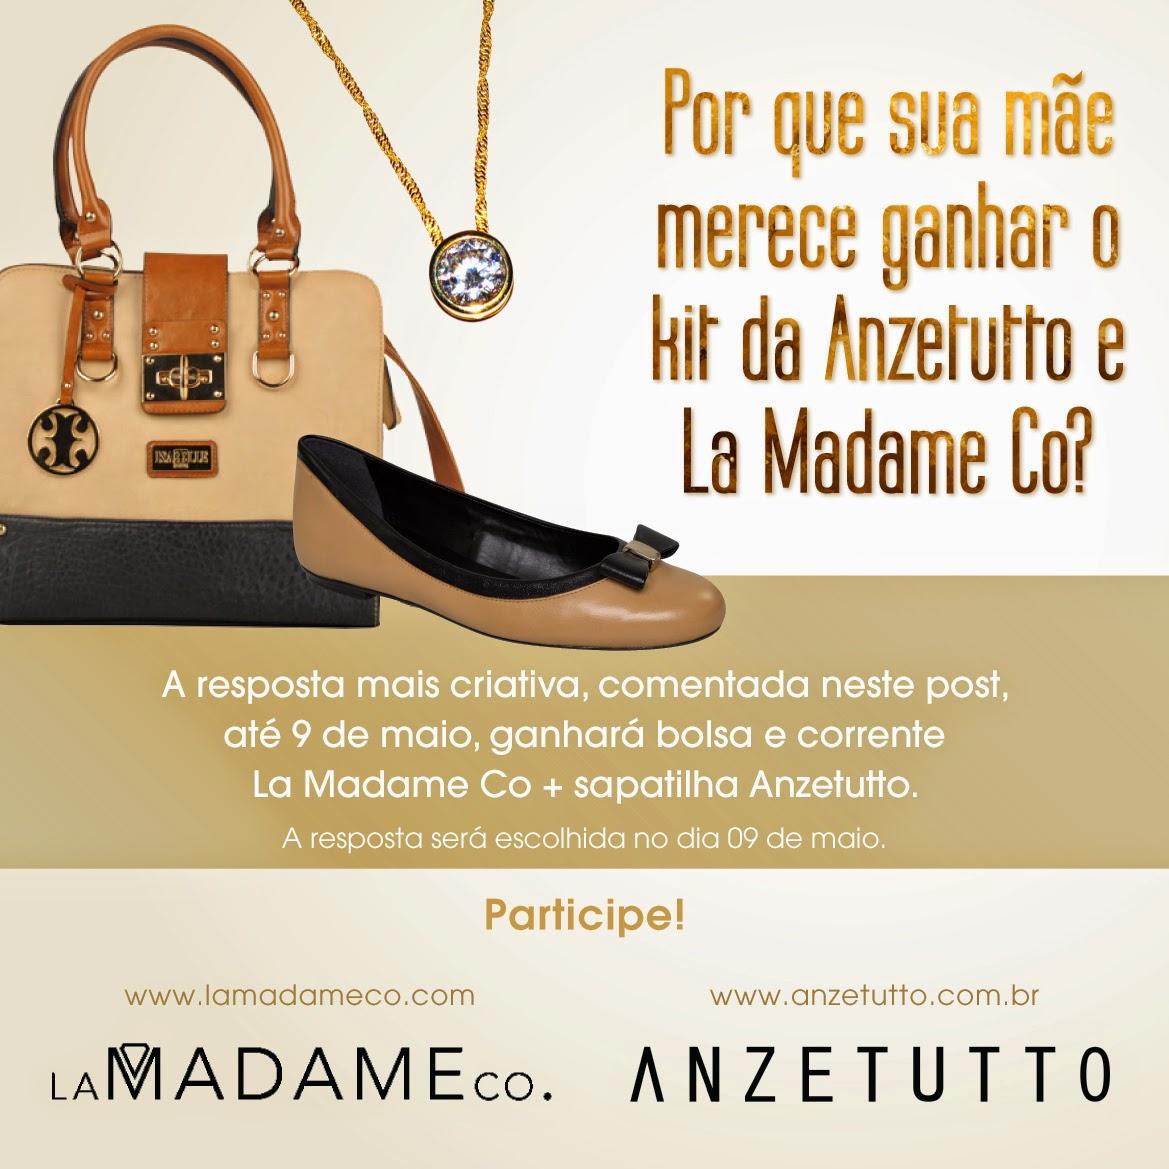 4ee1c7b3f E a Anzetutto, juntamente com a marca de acessórios La Madame Co, oferece a  oportunidade de ganhar um kit perfeito para incrementar a produção fashion  das ...